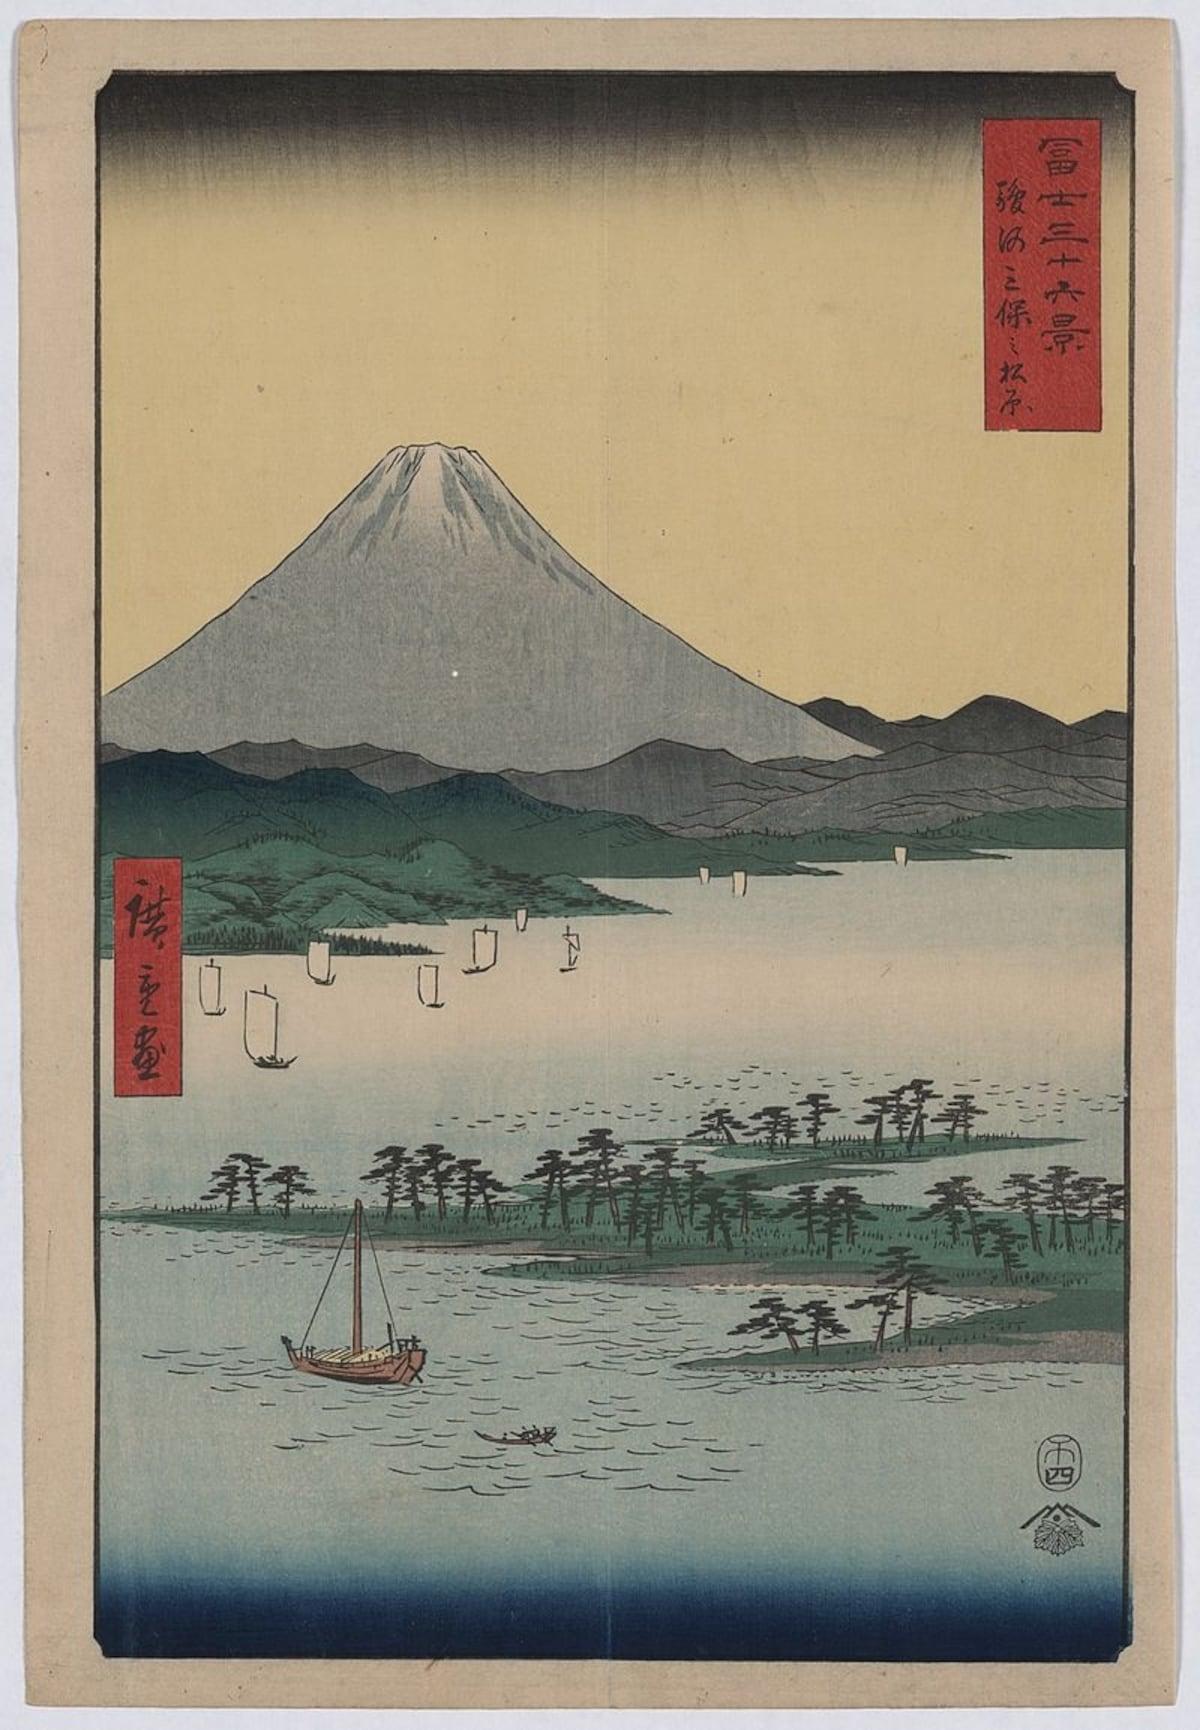 Miho no Matsubara